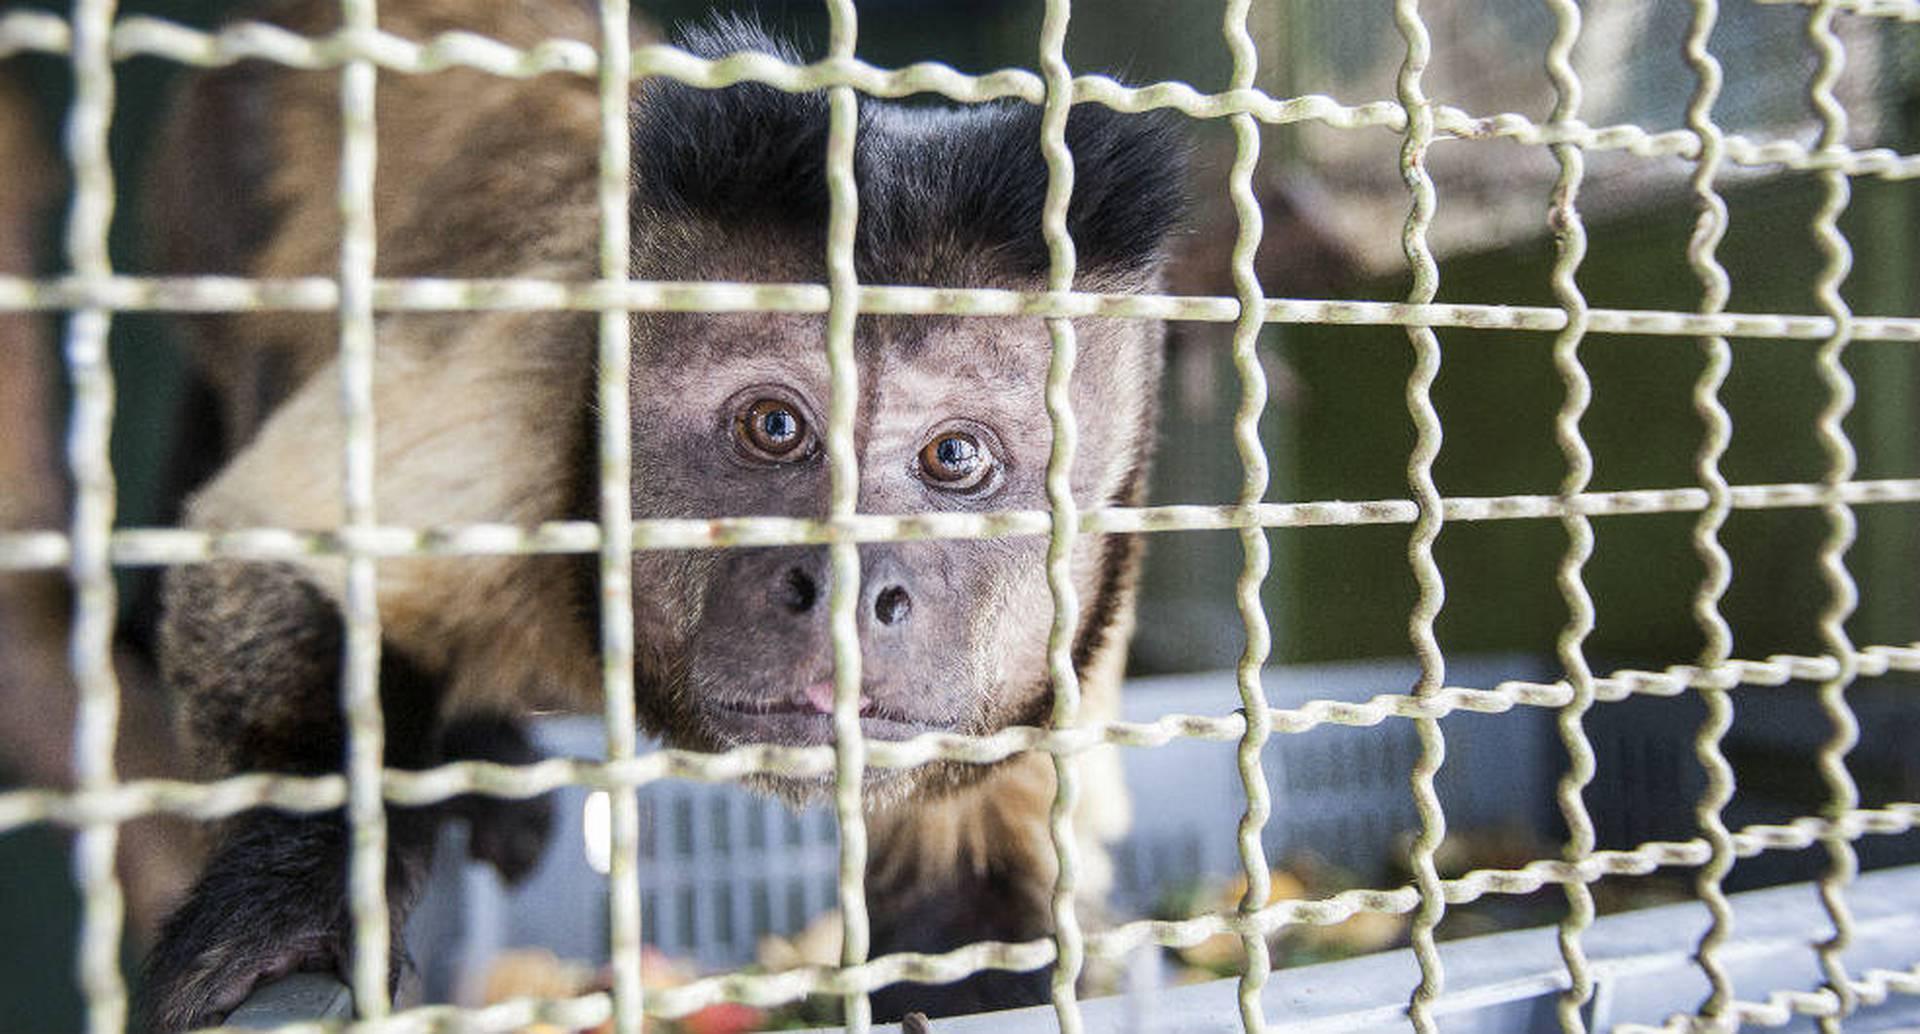 La prohibición del consumo de animales salvajes en China redujo el tráfico de fauna silvestre en el mundo, ya que este país es uno de sus principales promotores. Foto: archivo/Semana.